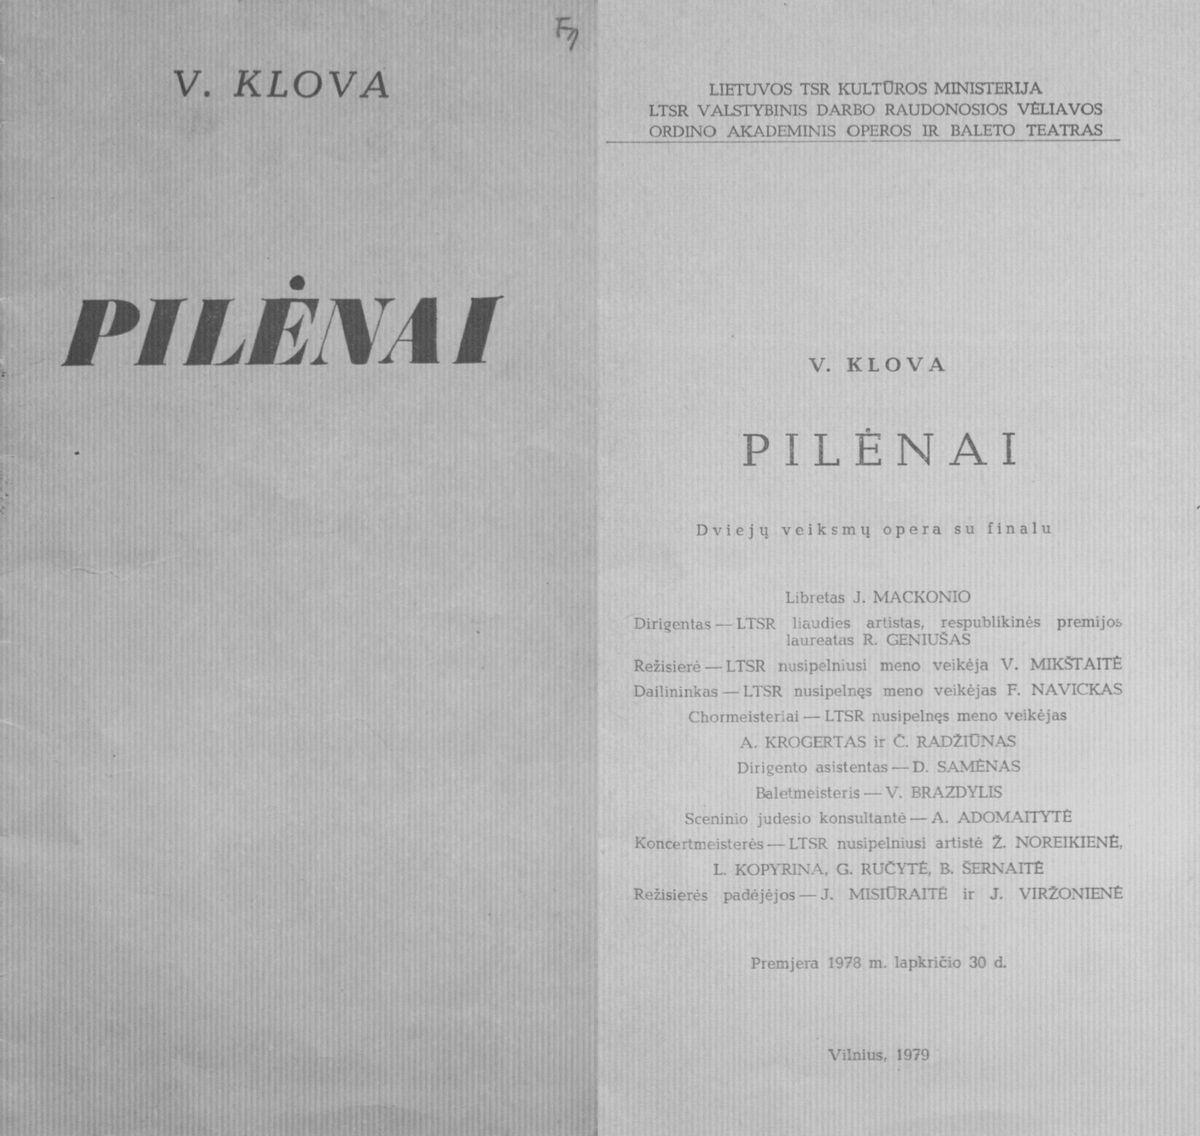 Pilėnai : V. Klovos 2 veiksmų opera su finalu. 1979 m.